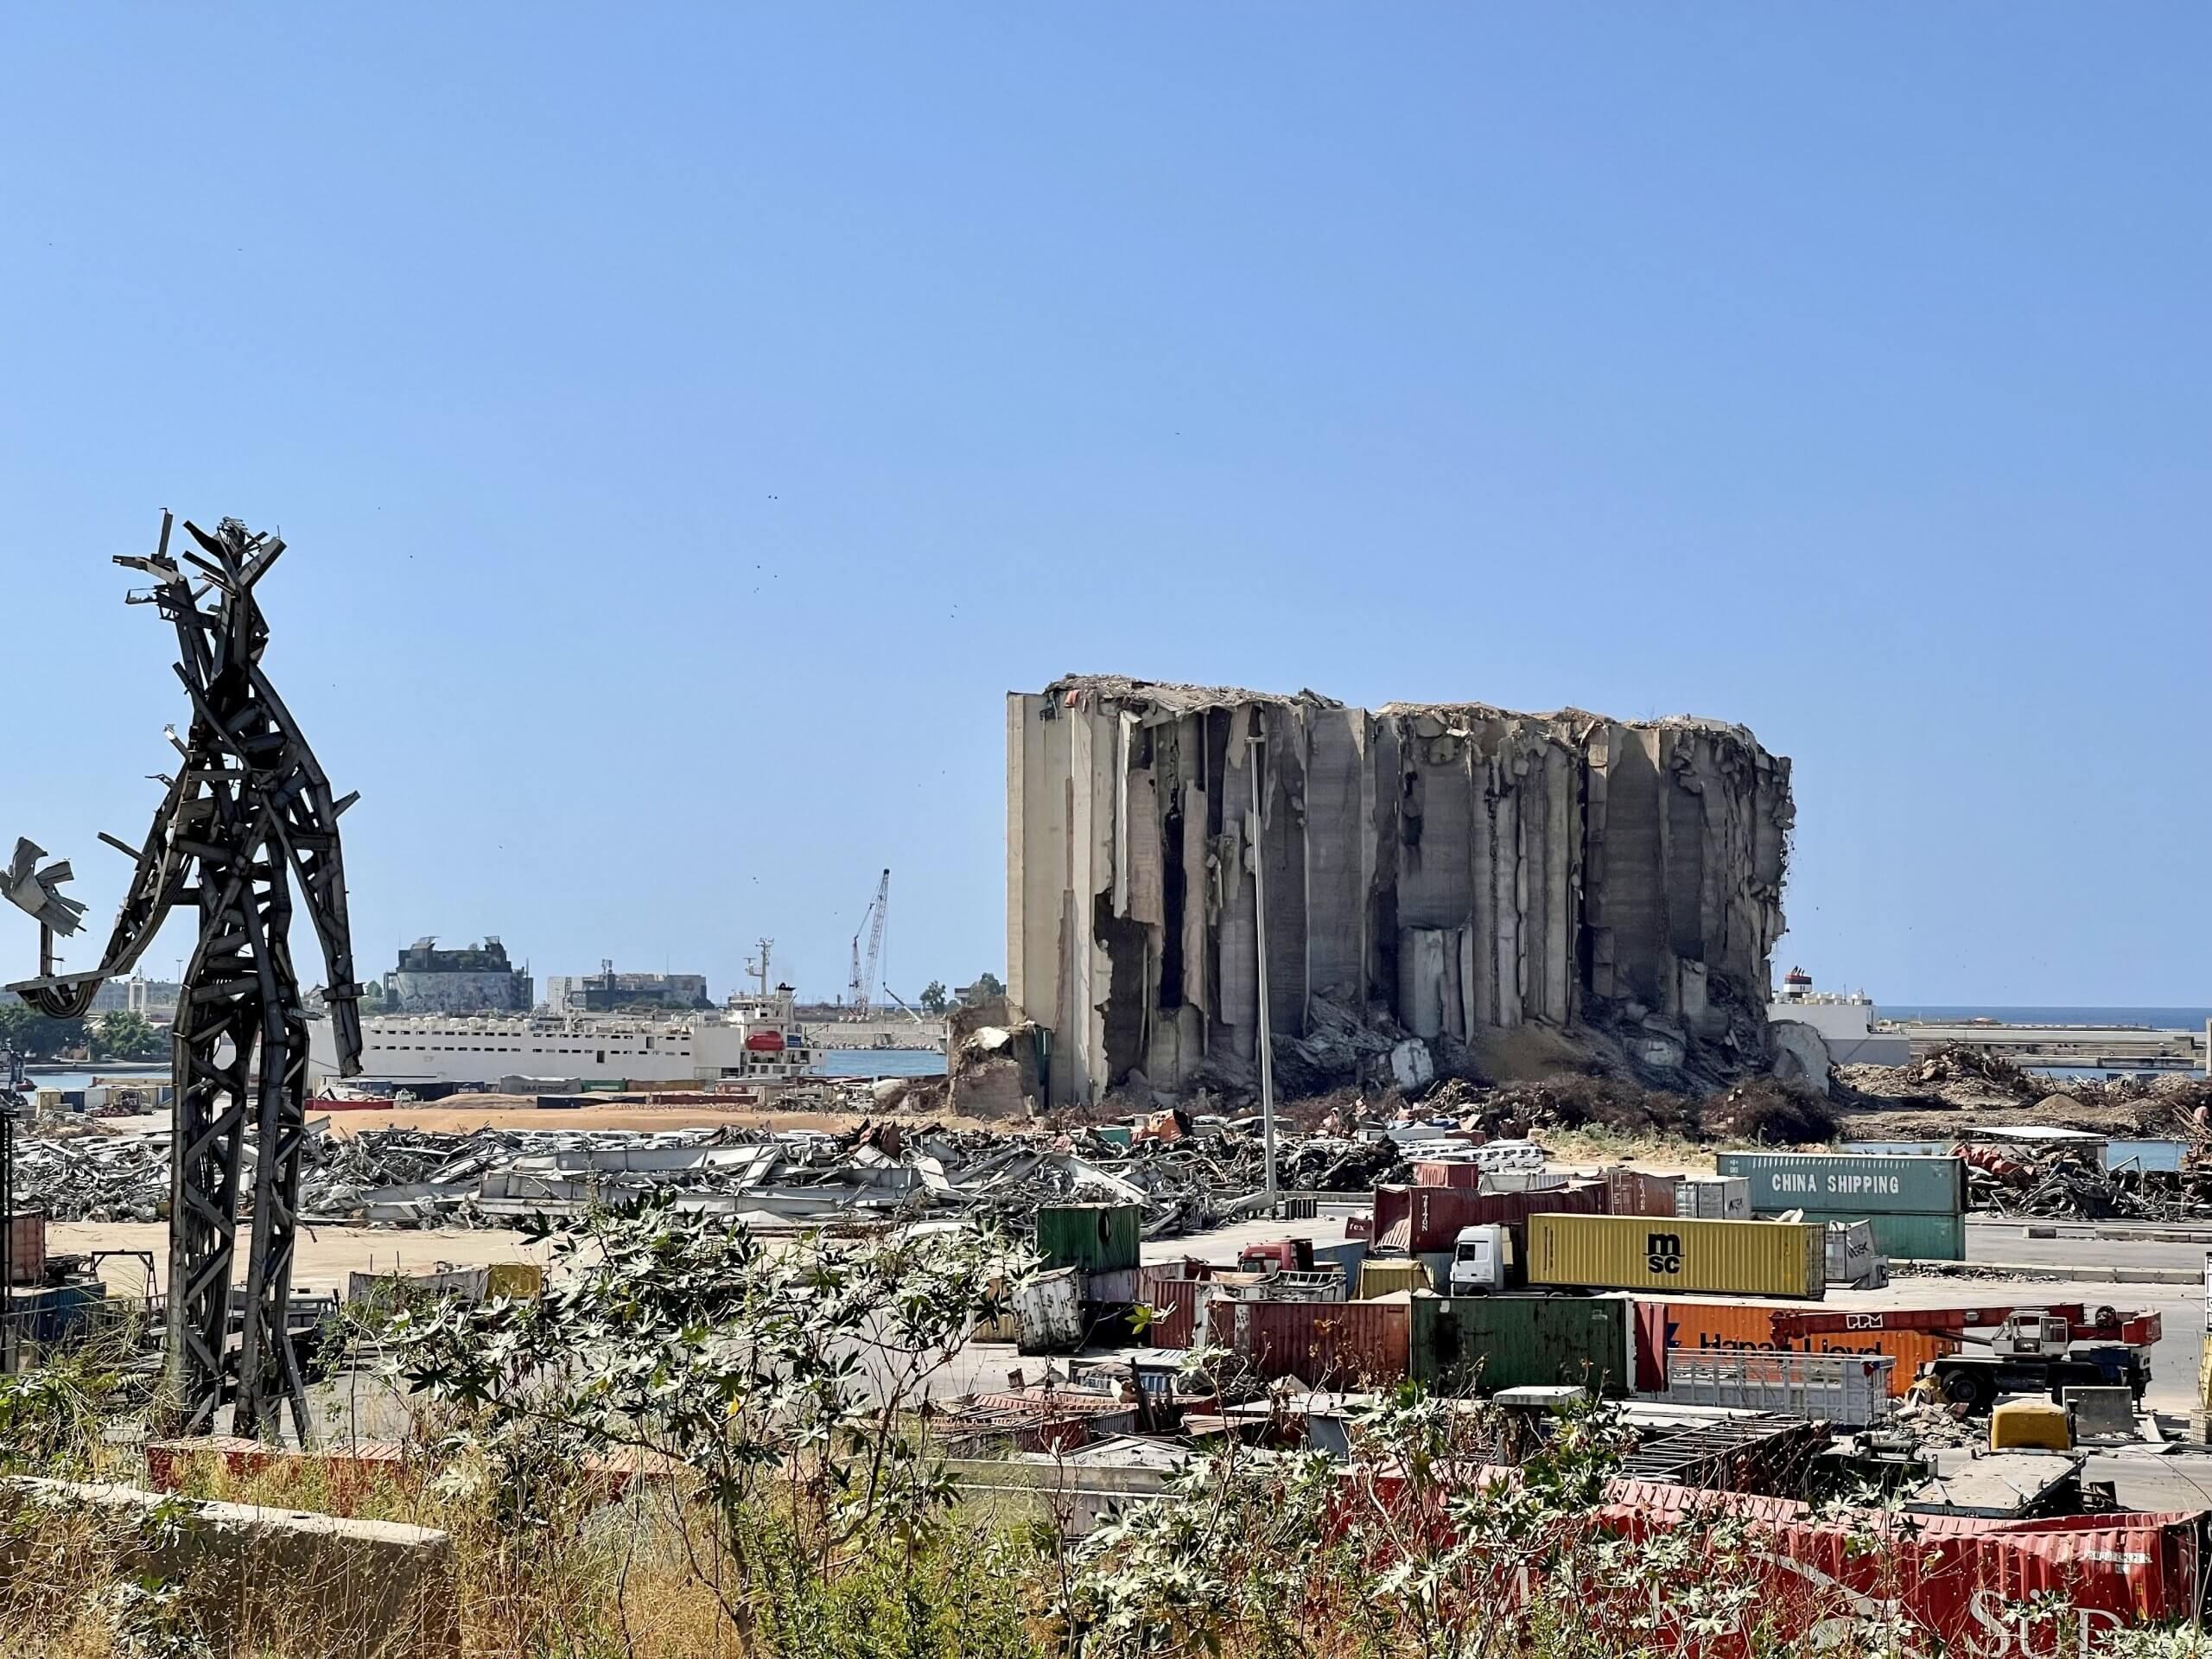 Liban po wybuchu w Bejrucie w roku 2021